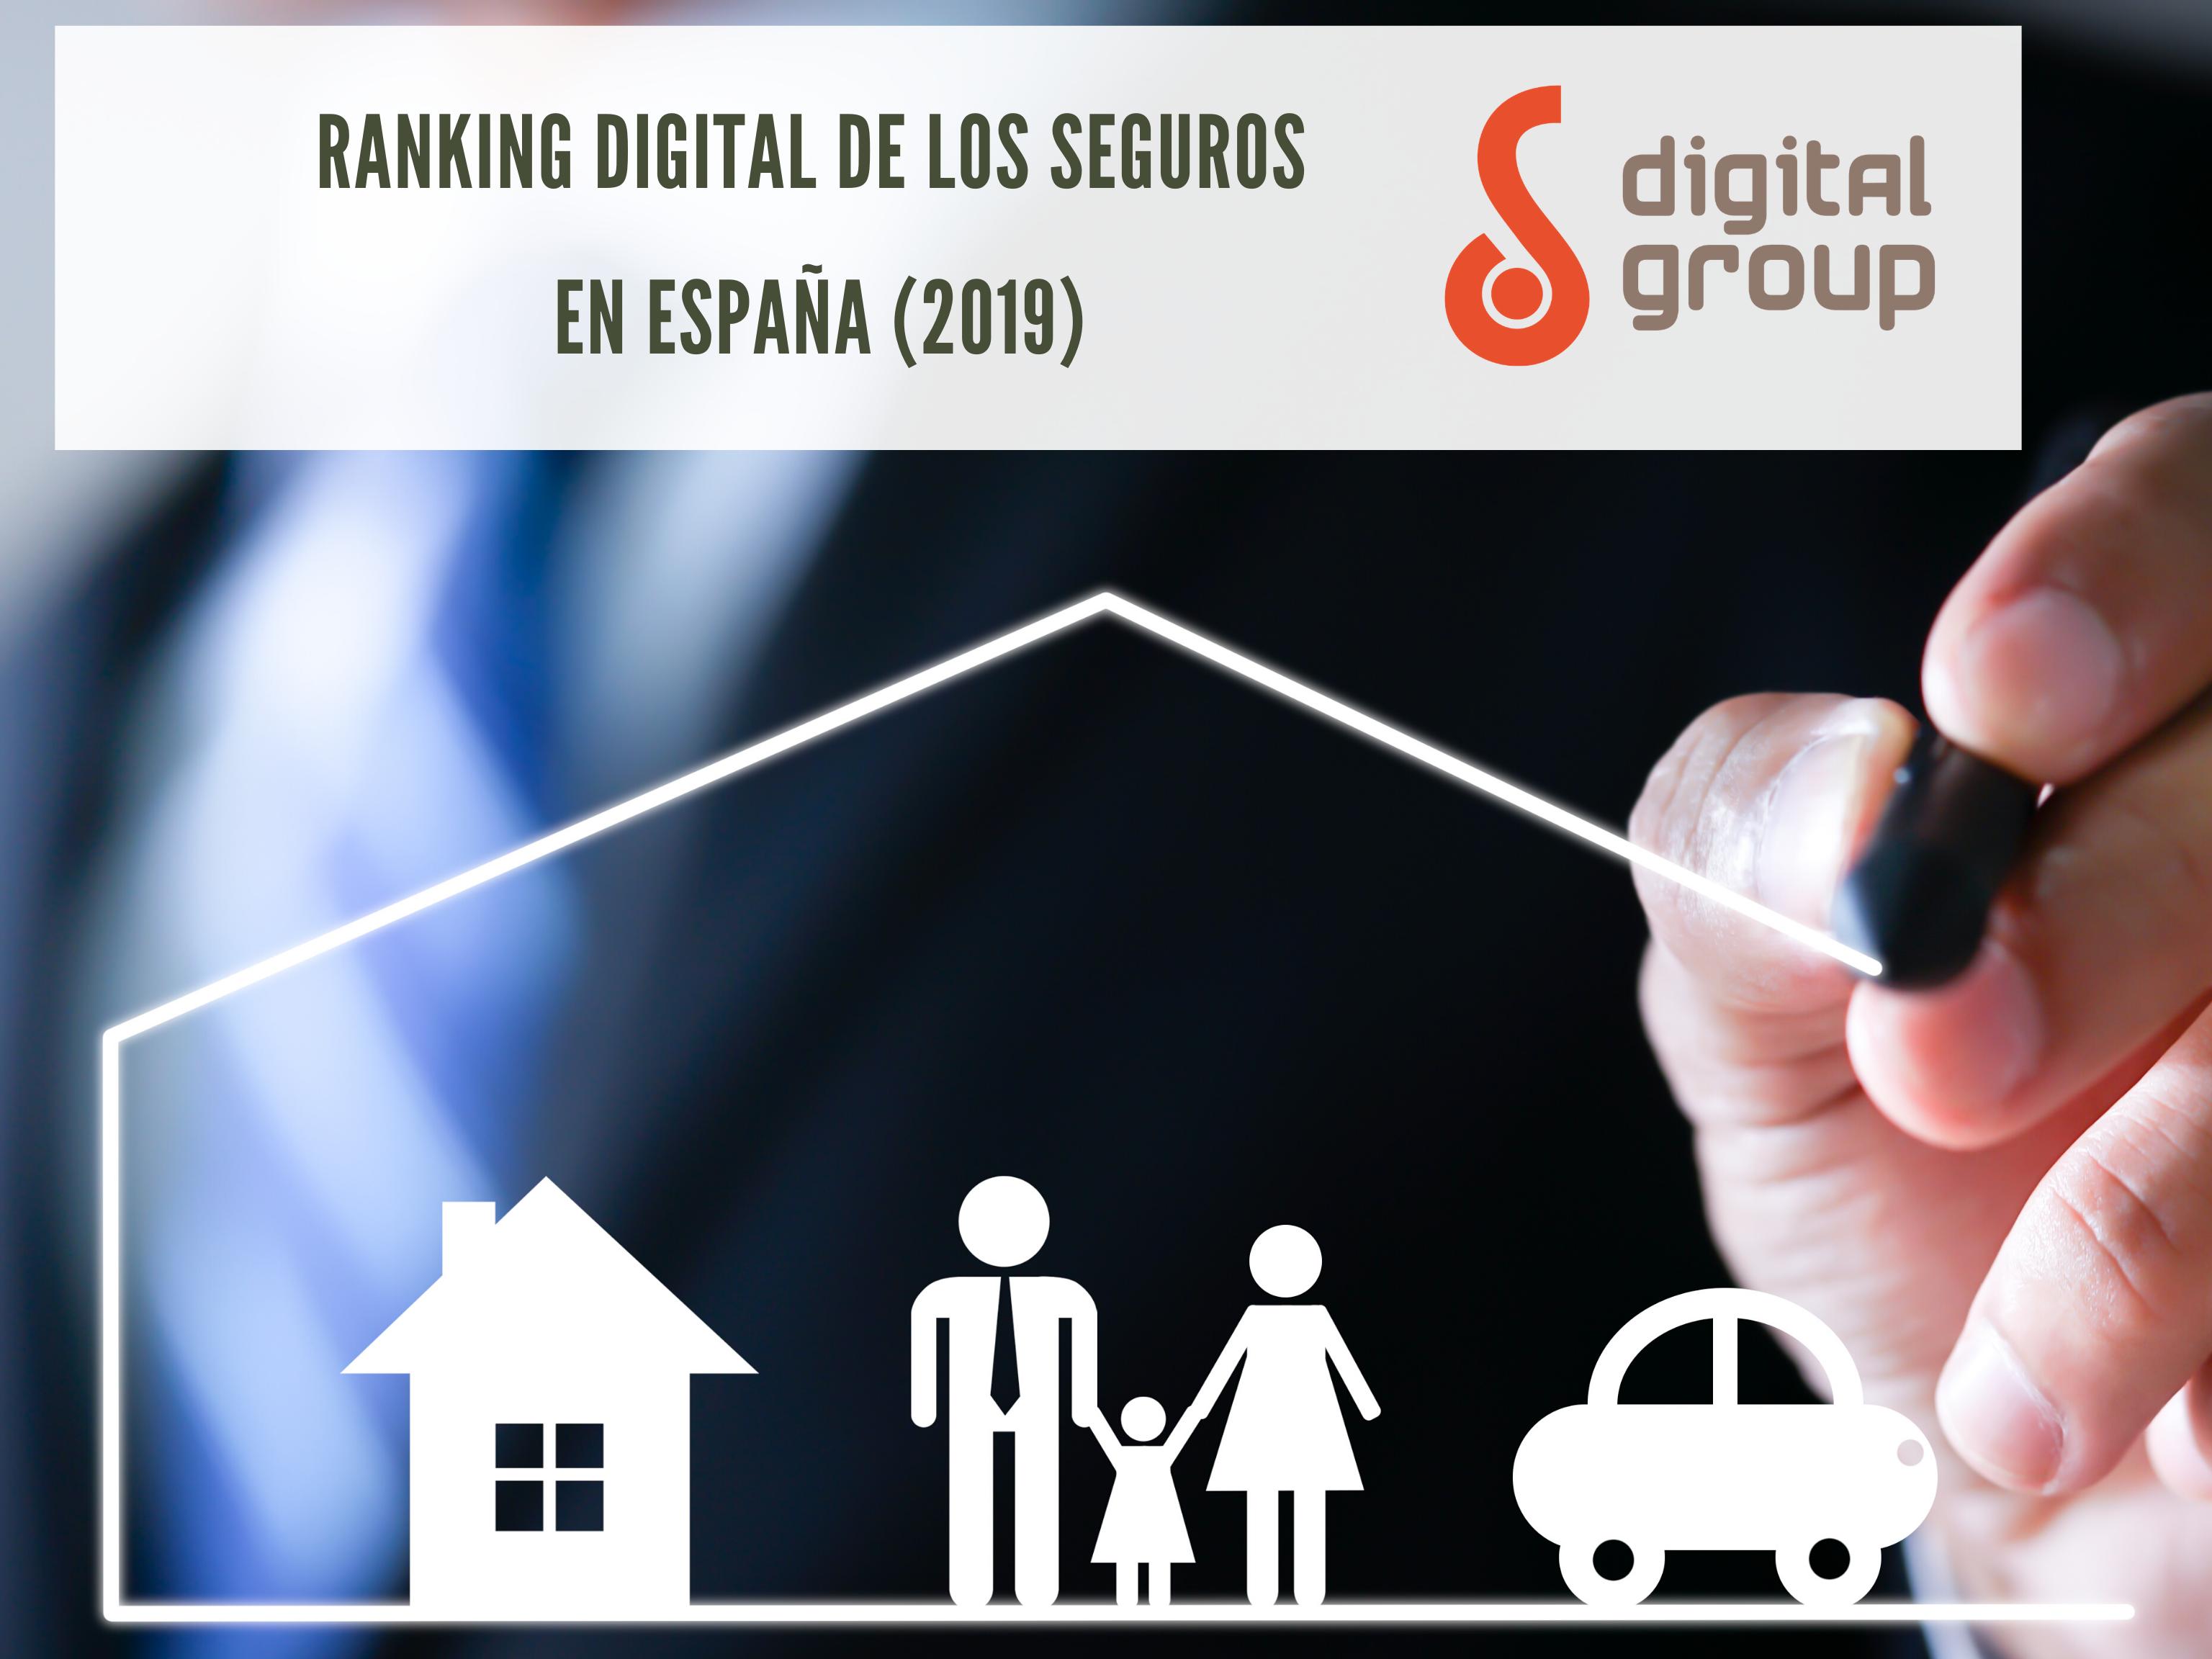 Ranking Digital de los Seguros en España (2019) -  DigitalGroup.es